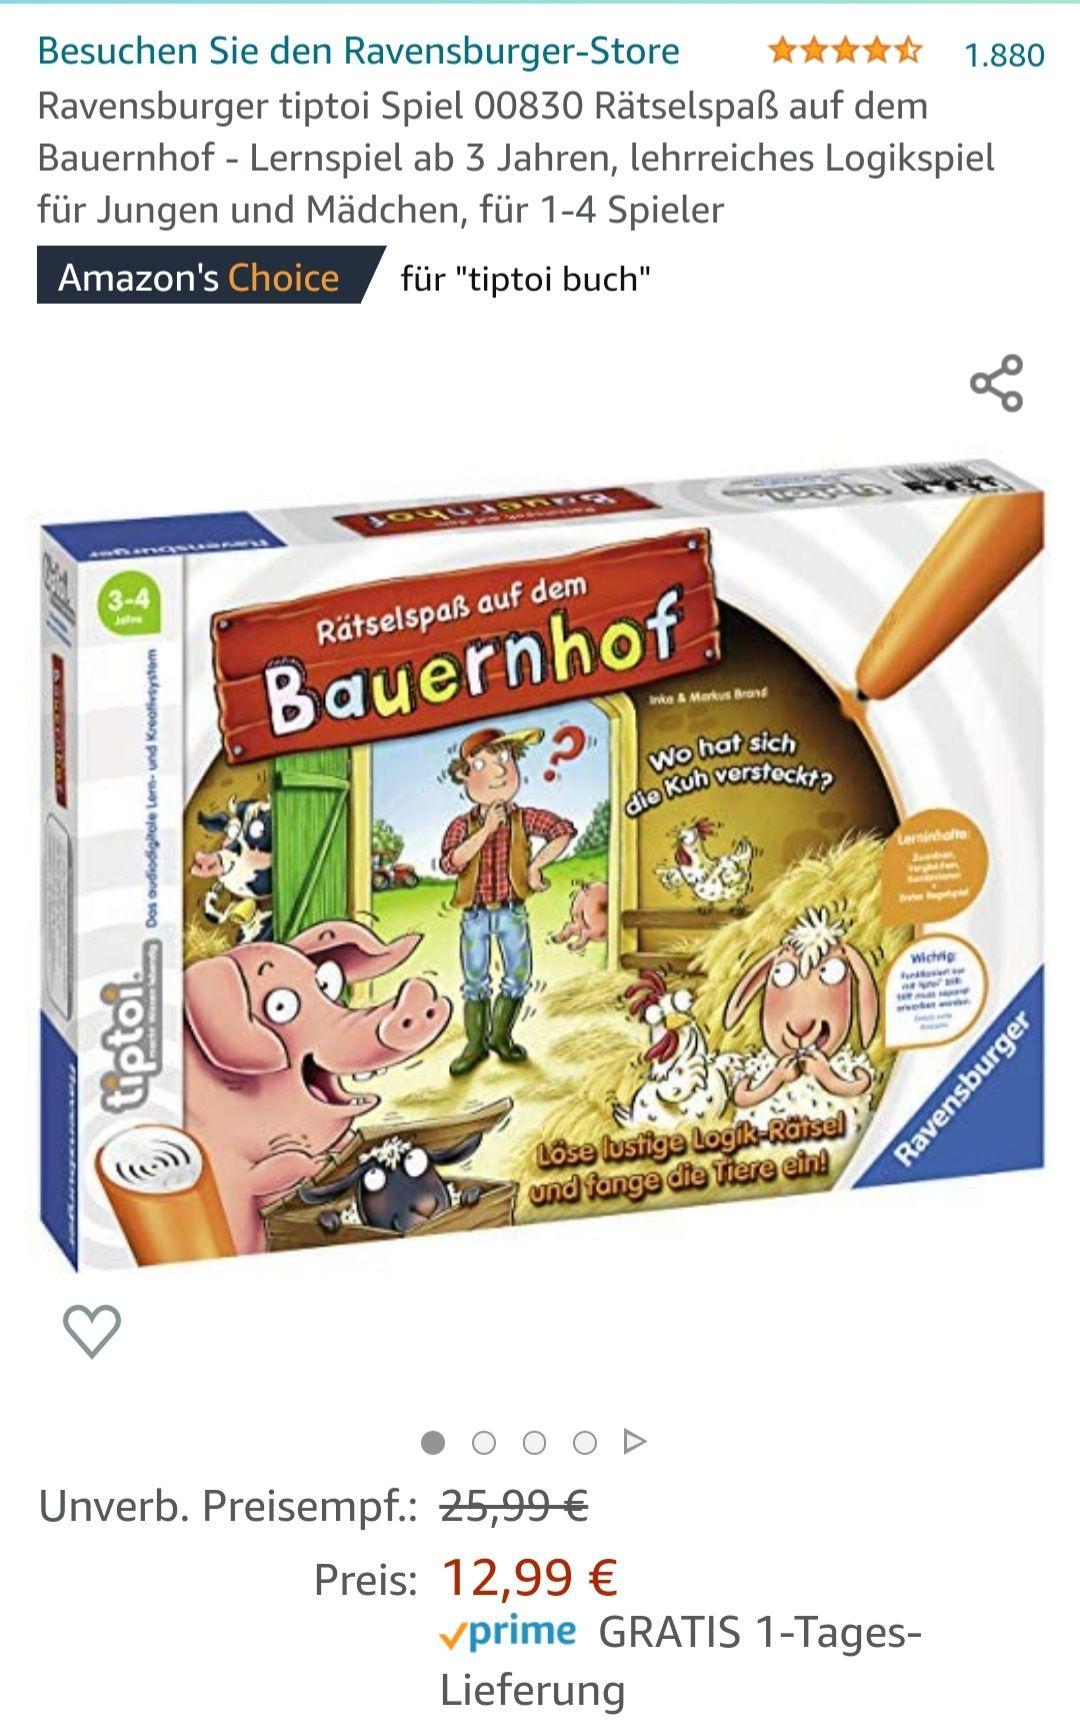 Ravensburger Tiptoi Spiel 00830 Rätselspaß auf dem Bauernhof - Lernspiel ab 3 Jahren [Amazon Prime]